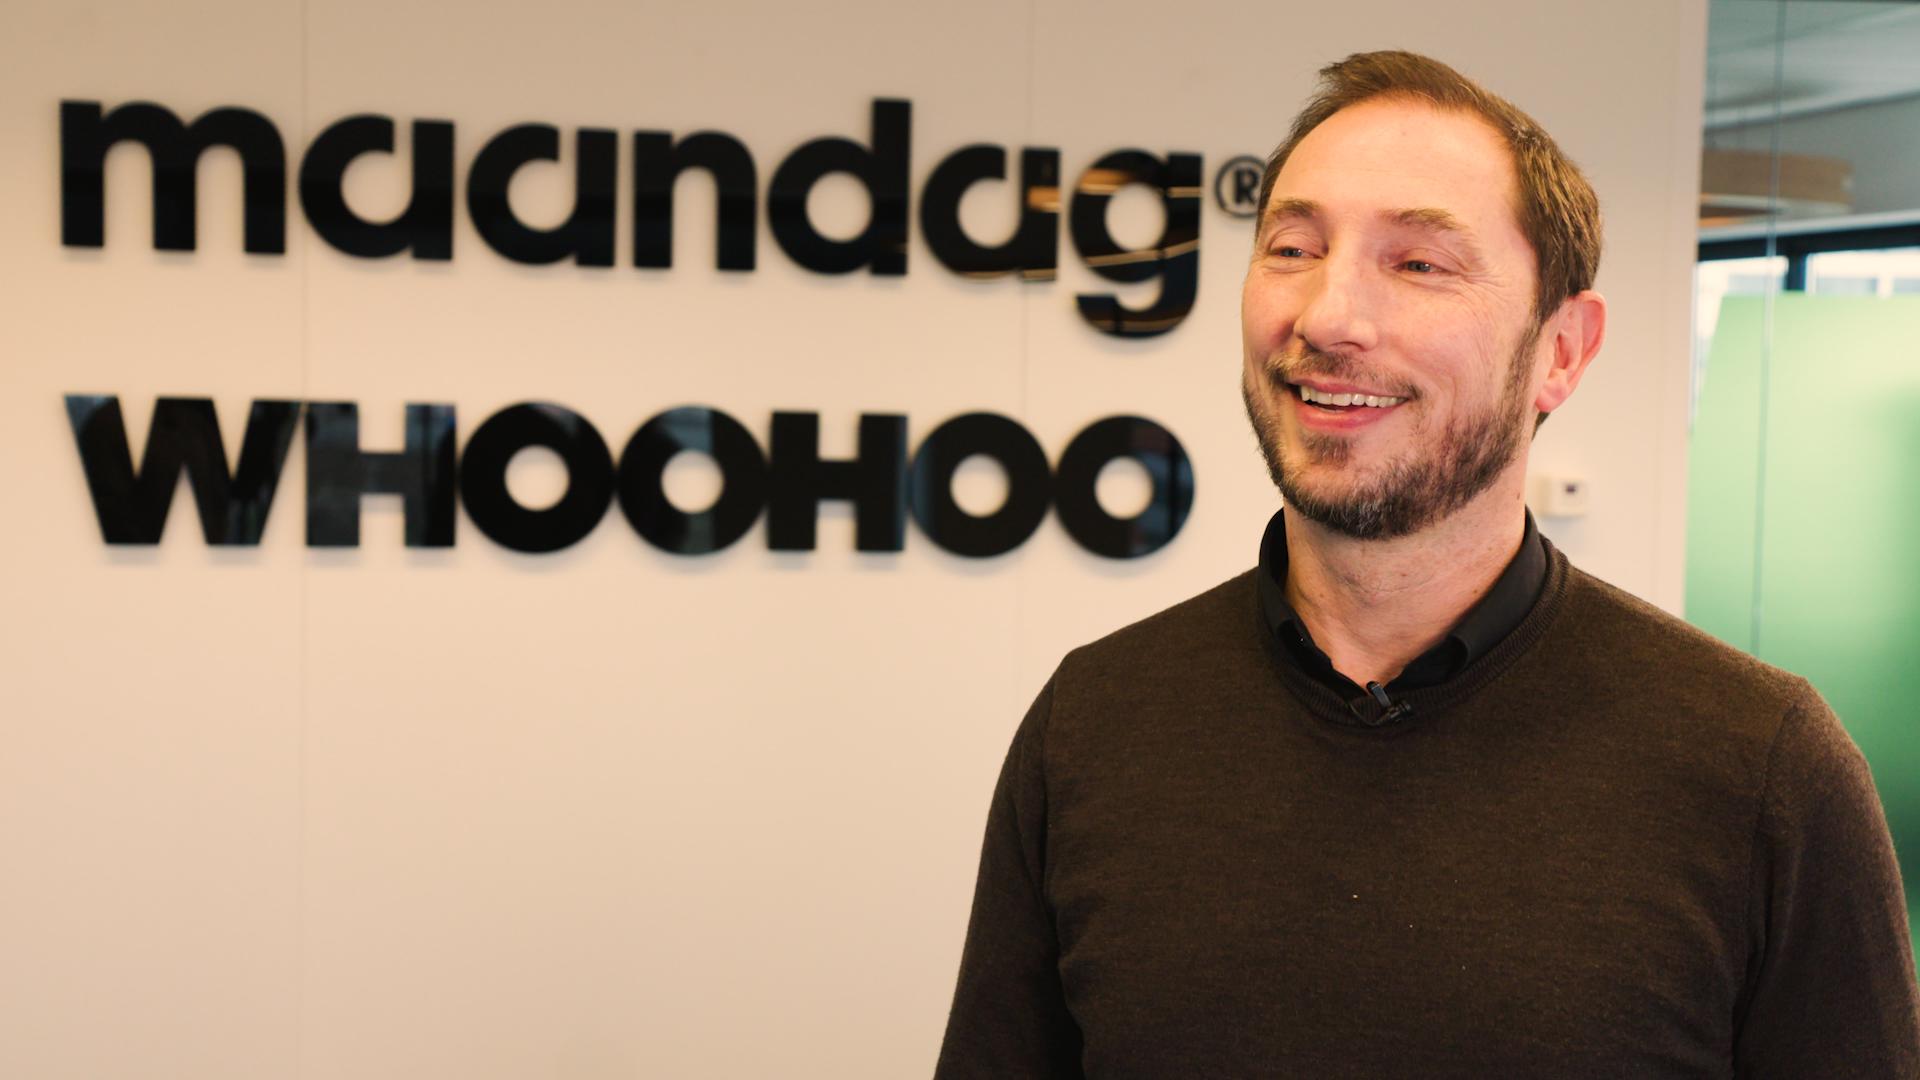 Rob Noordman van Maandag verteld over TenderApp